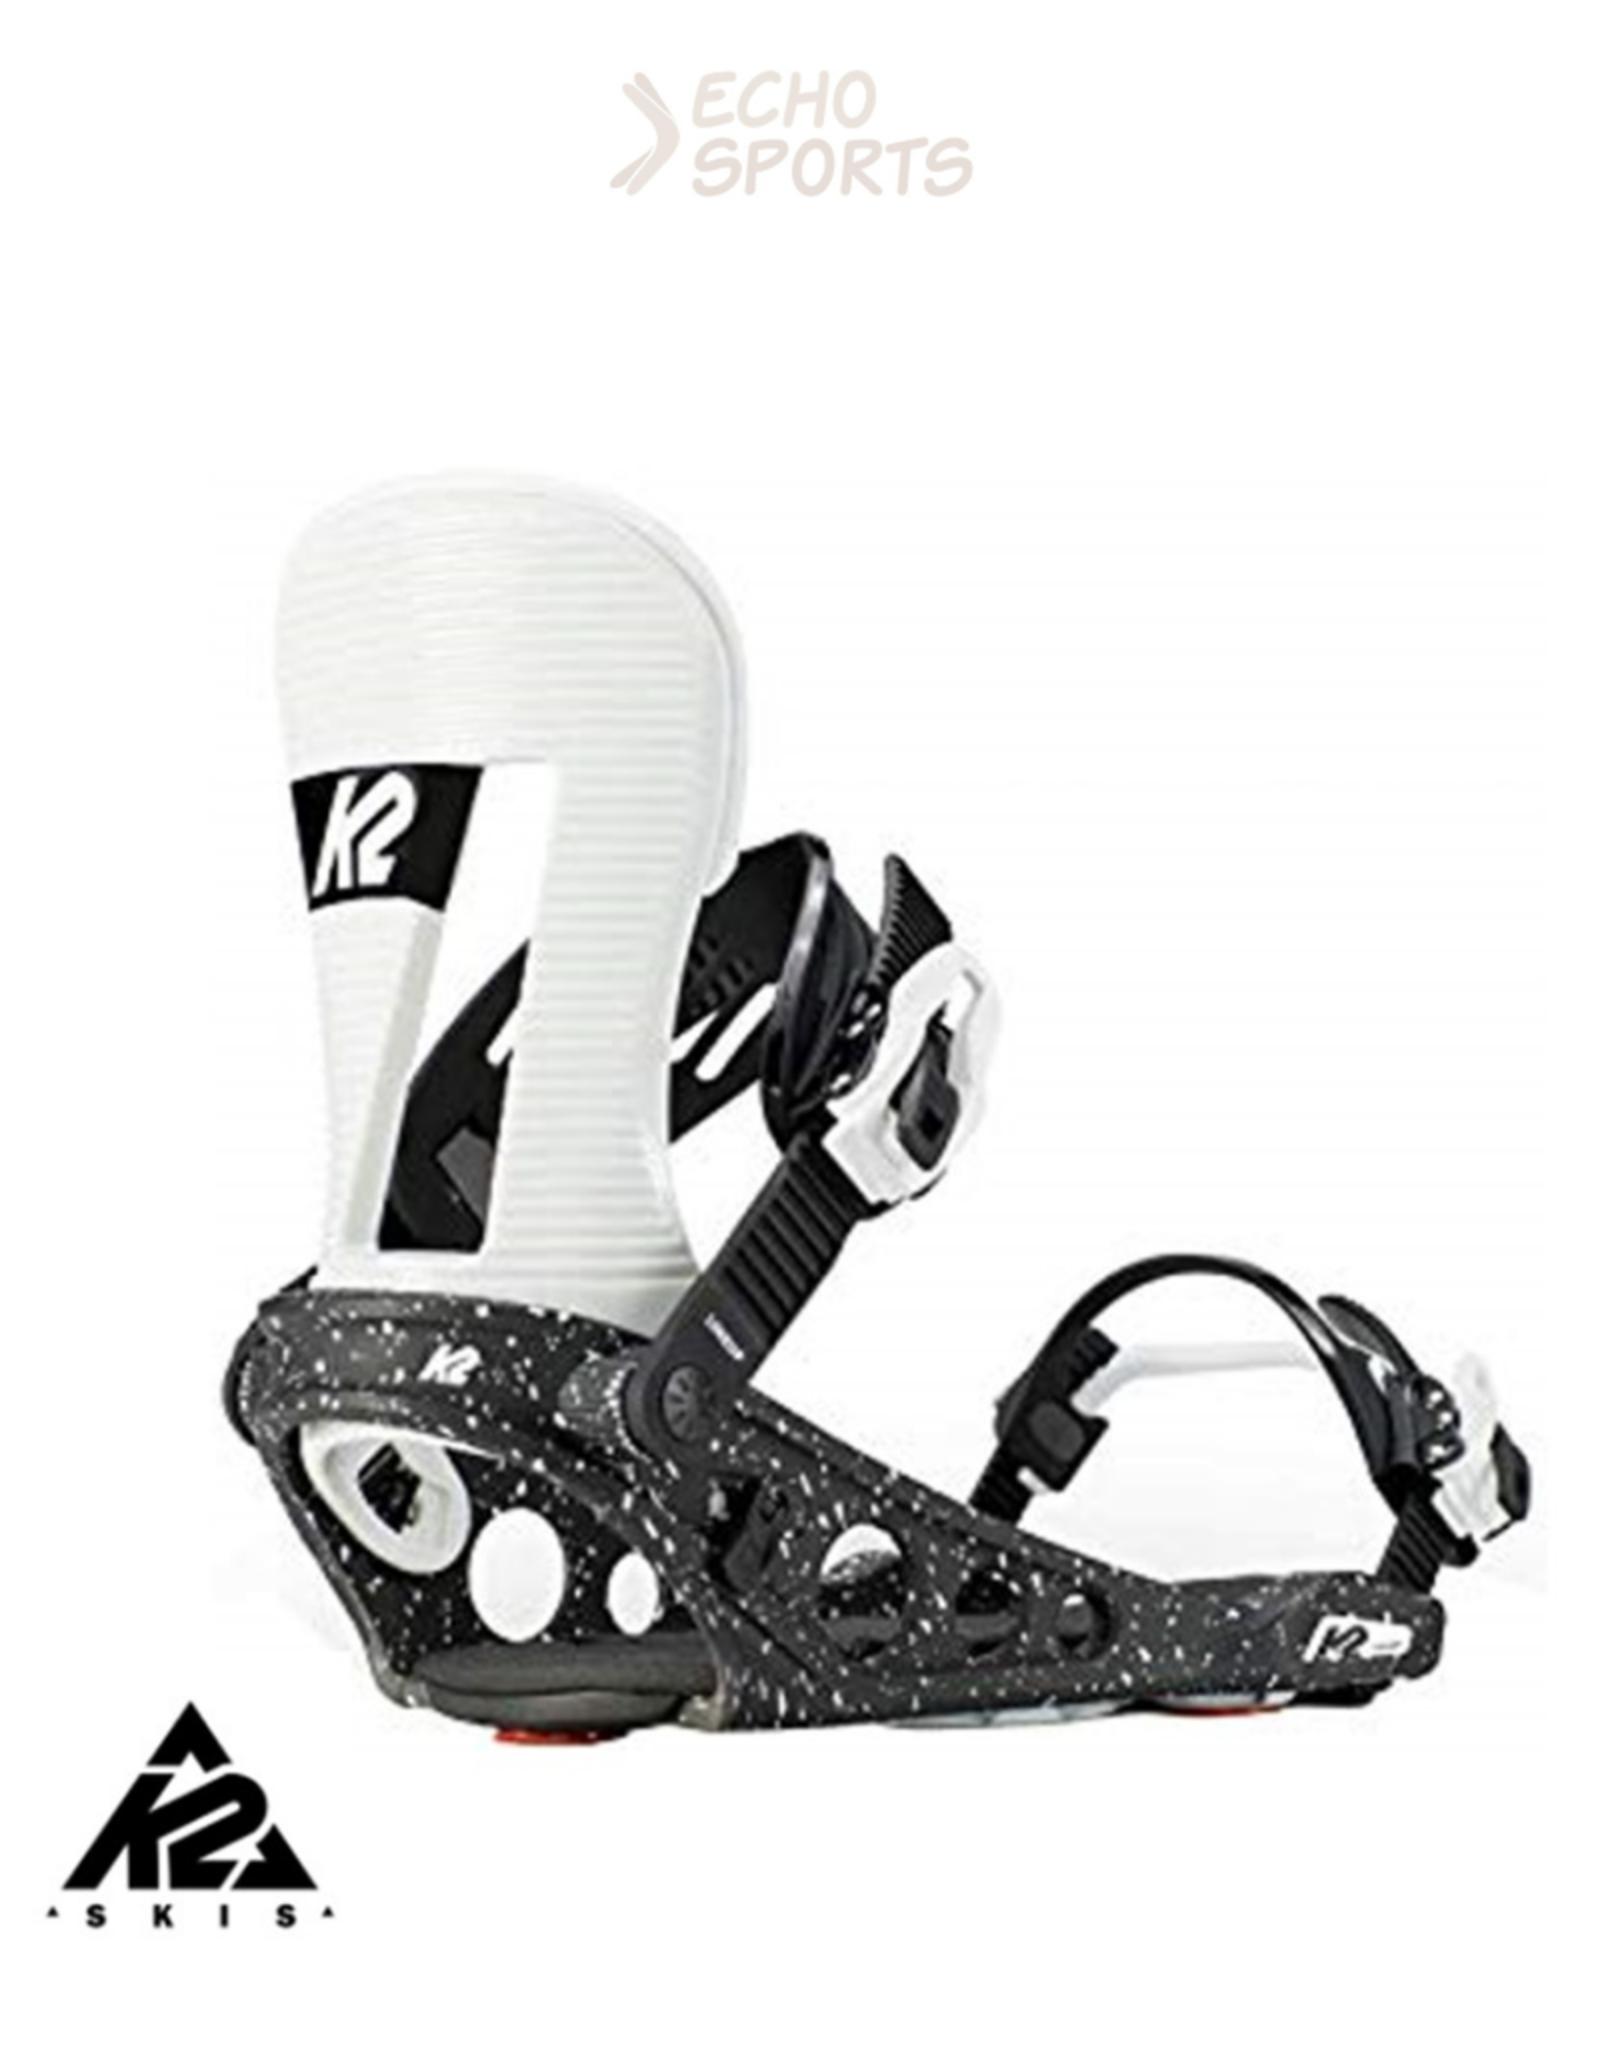 K2 FIXATION SNOWBOARD K2 SR- HURRITHANE